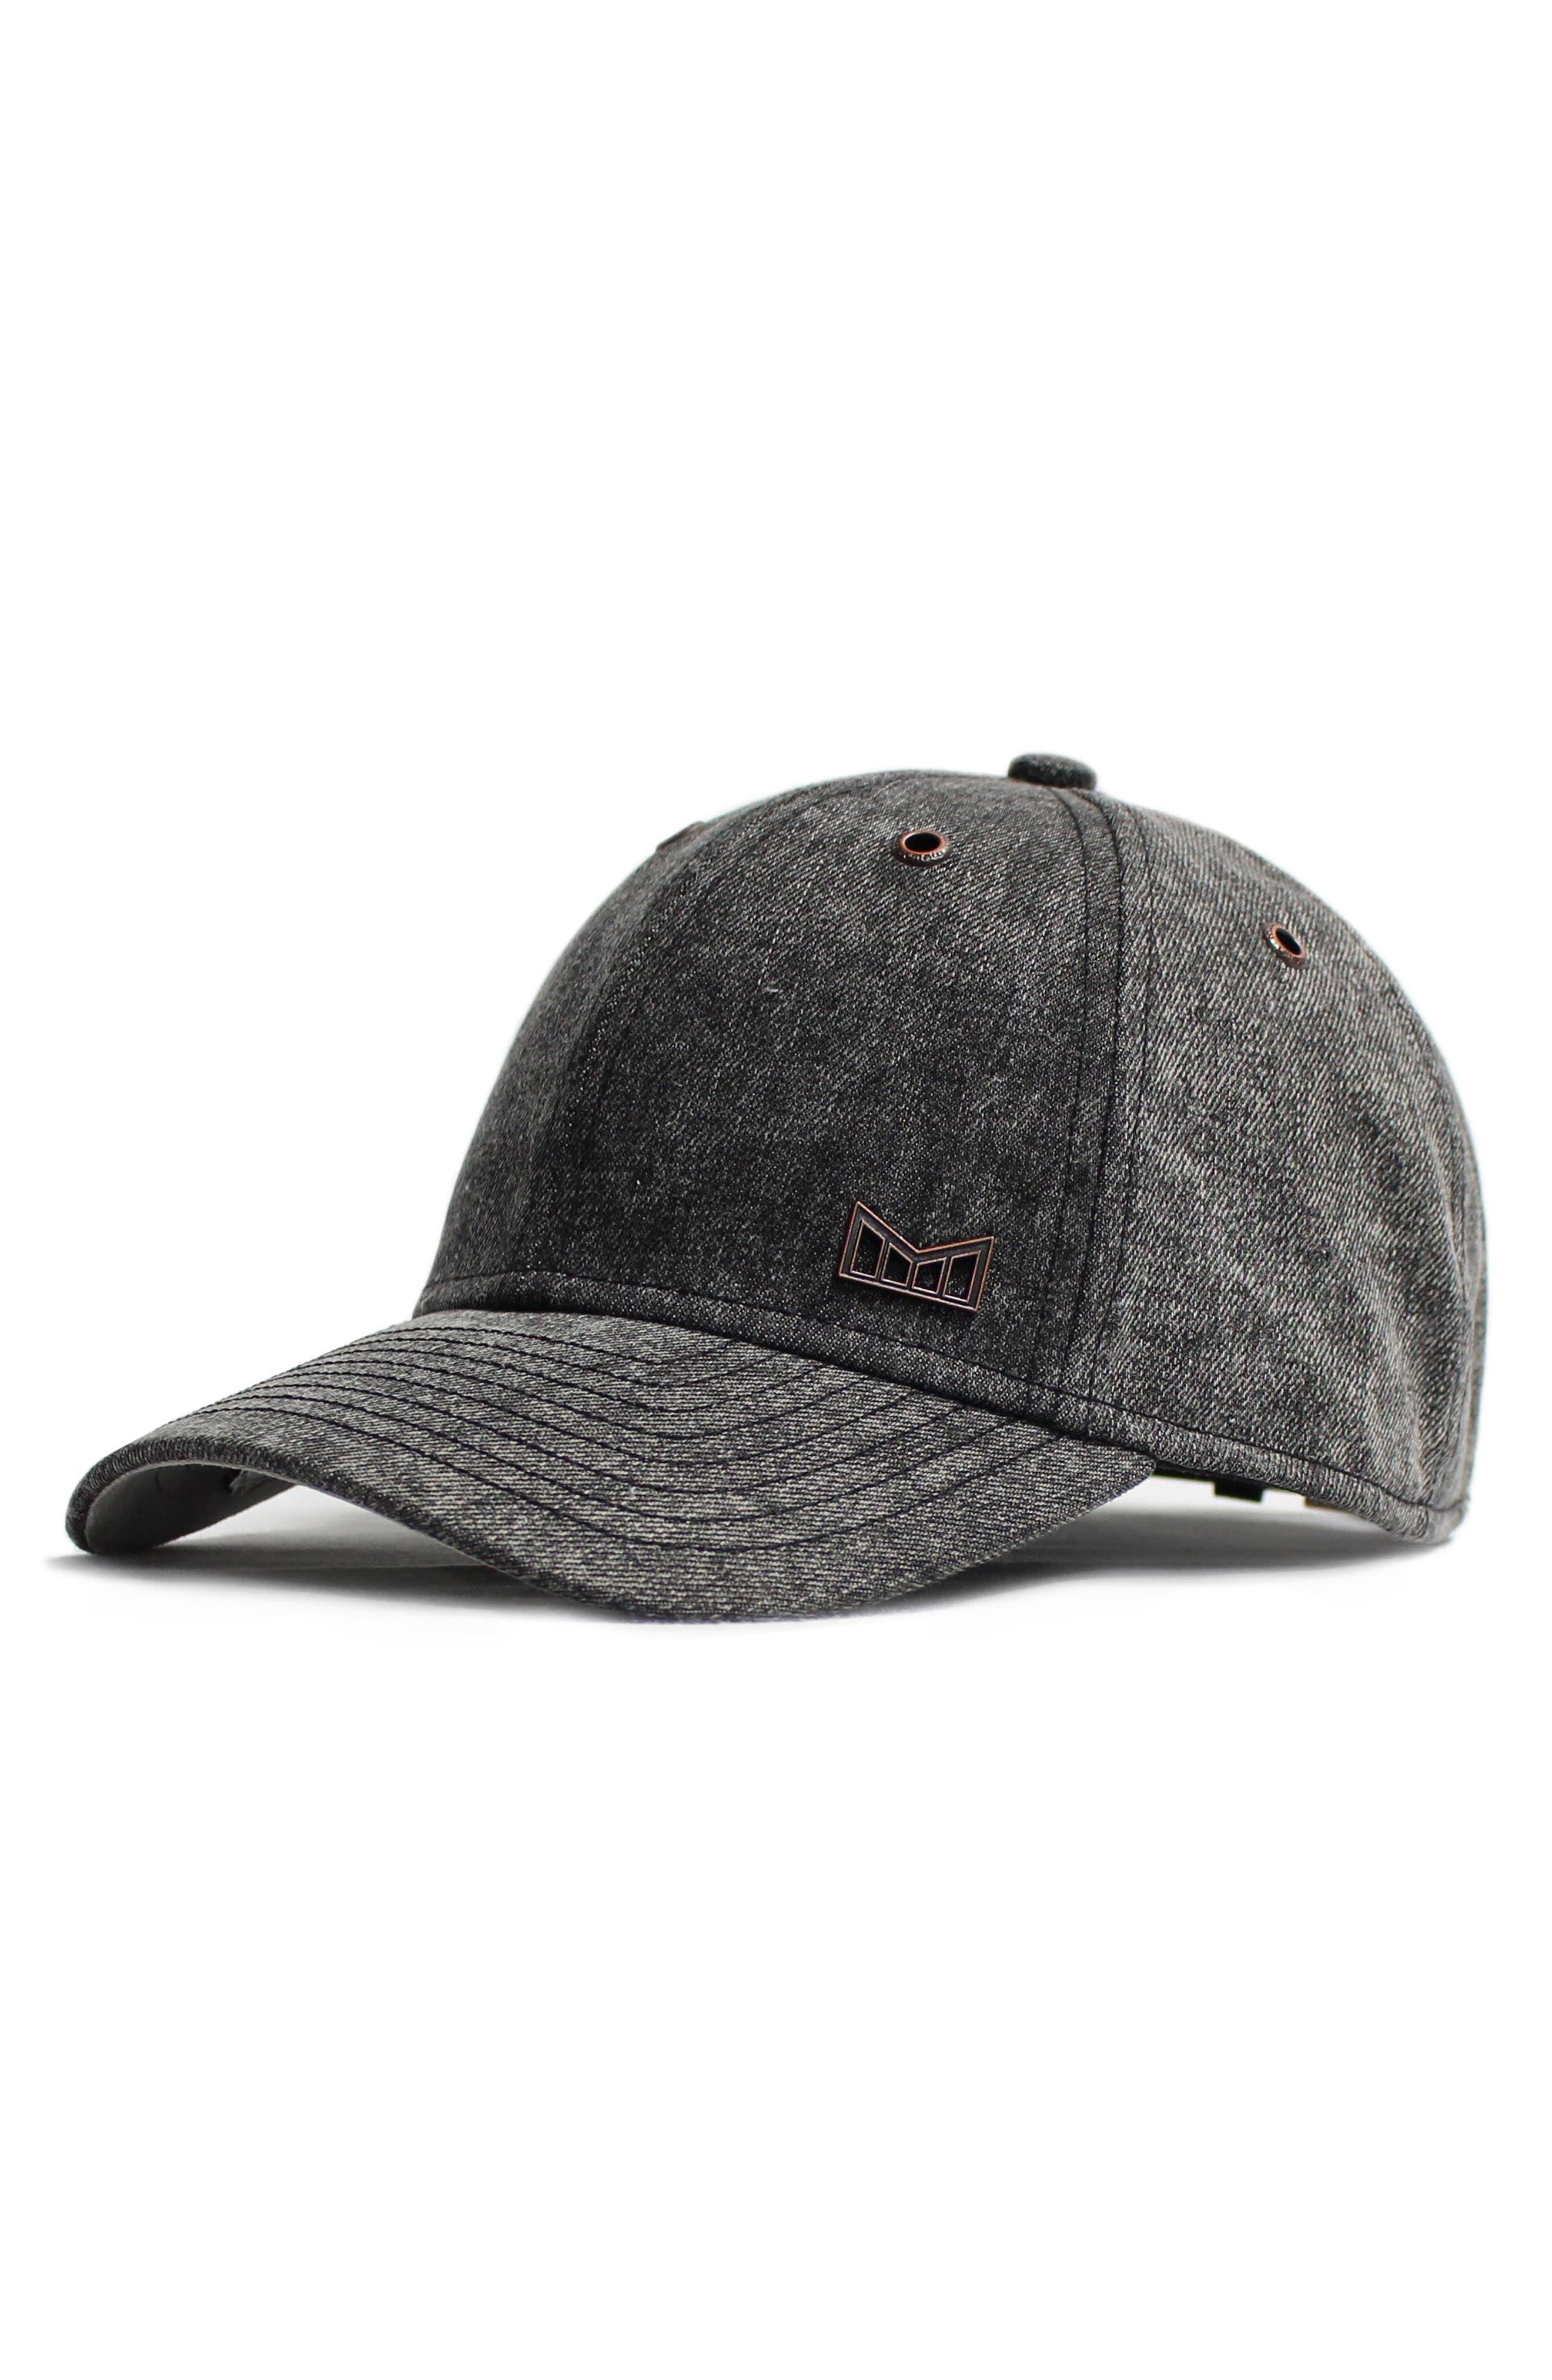 'The Haze' Vintage Fit Baseball Cap,                         Main,                         color, 001